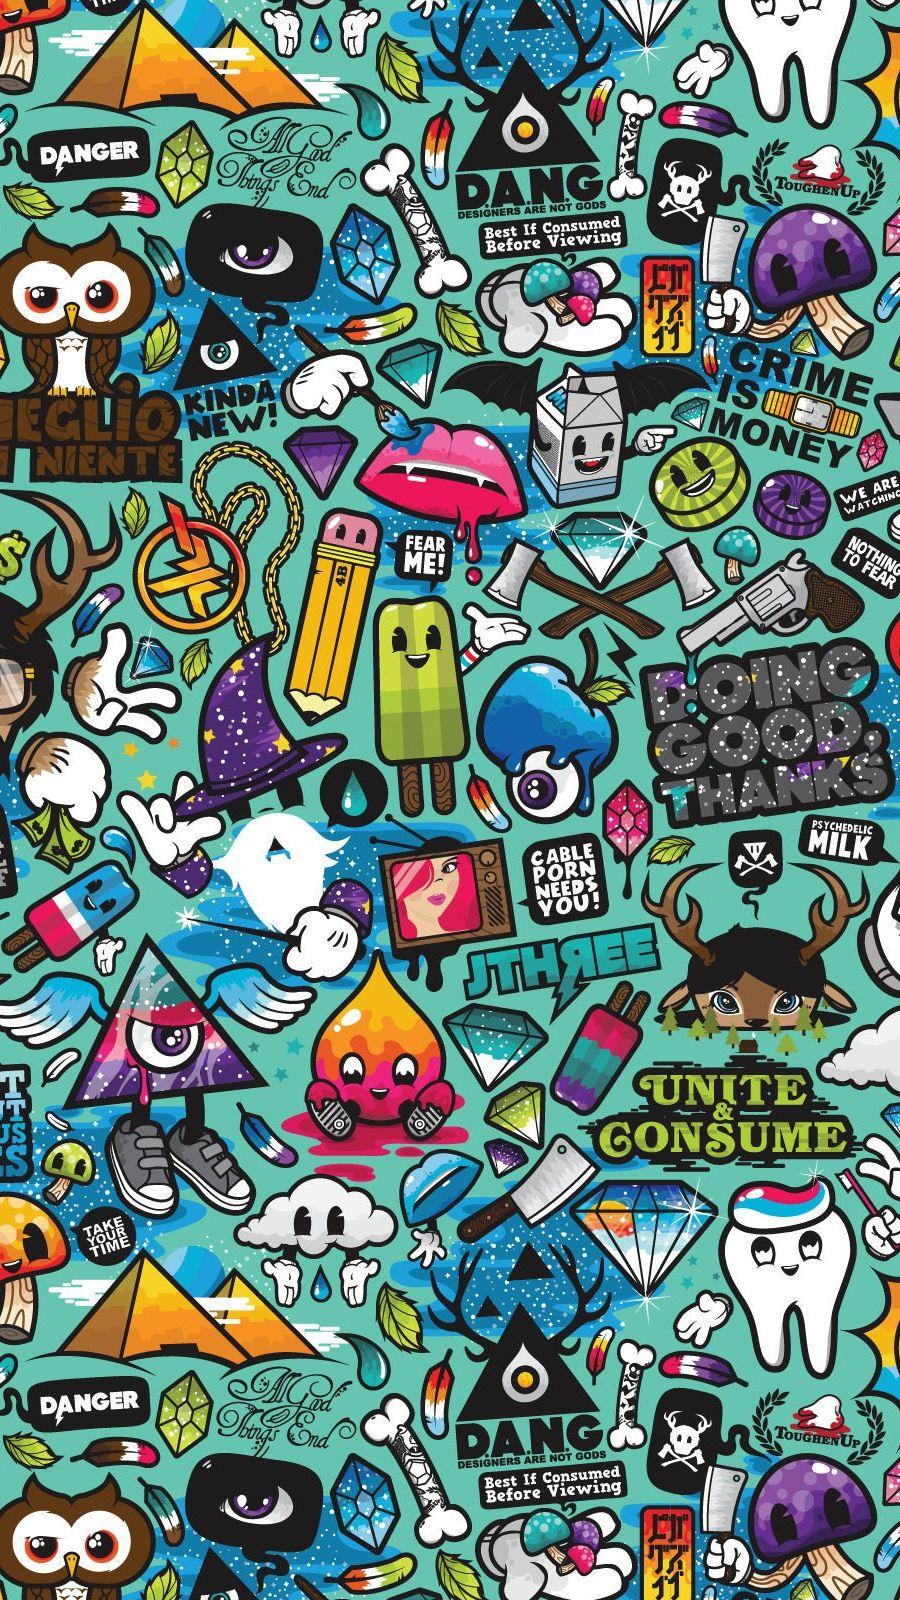 Download 57 Koleksi Wallpaper Hd Keren Doodle Gratis Terbaik